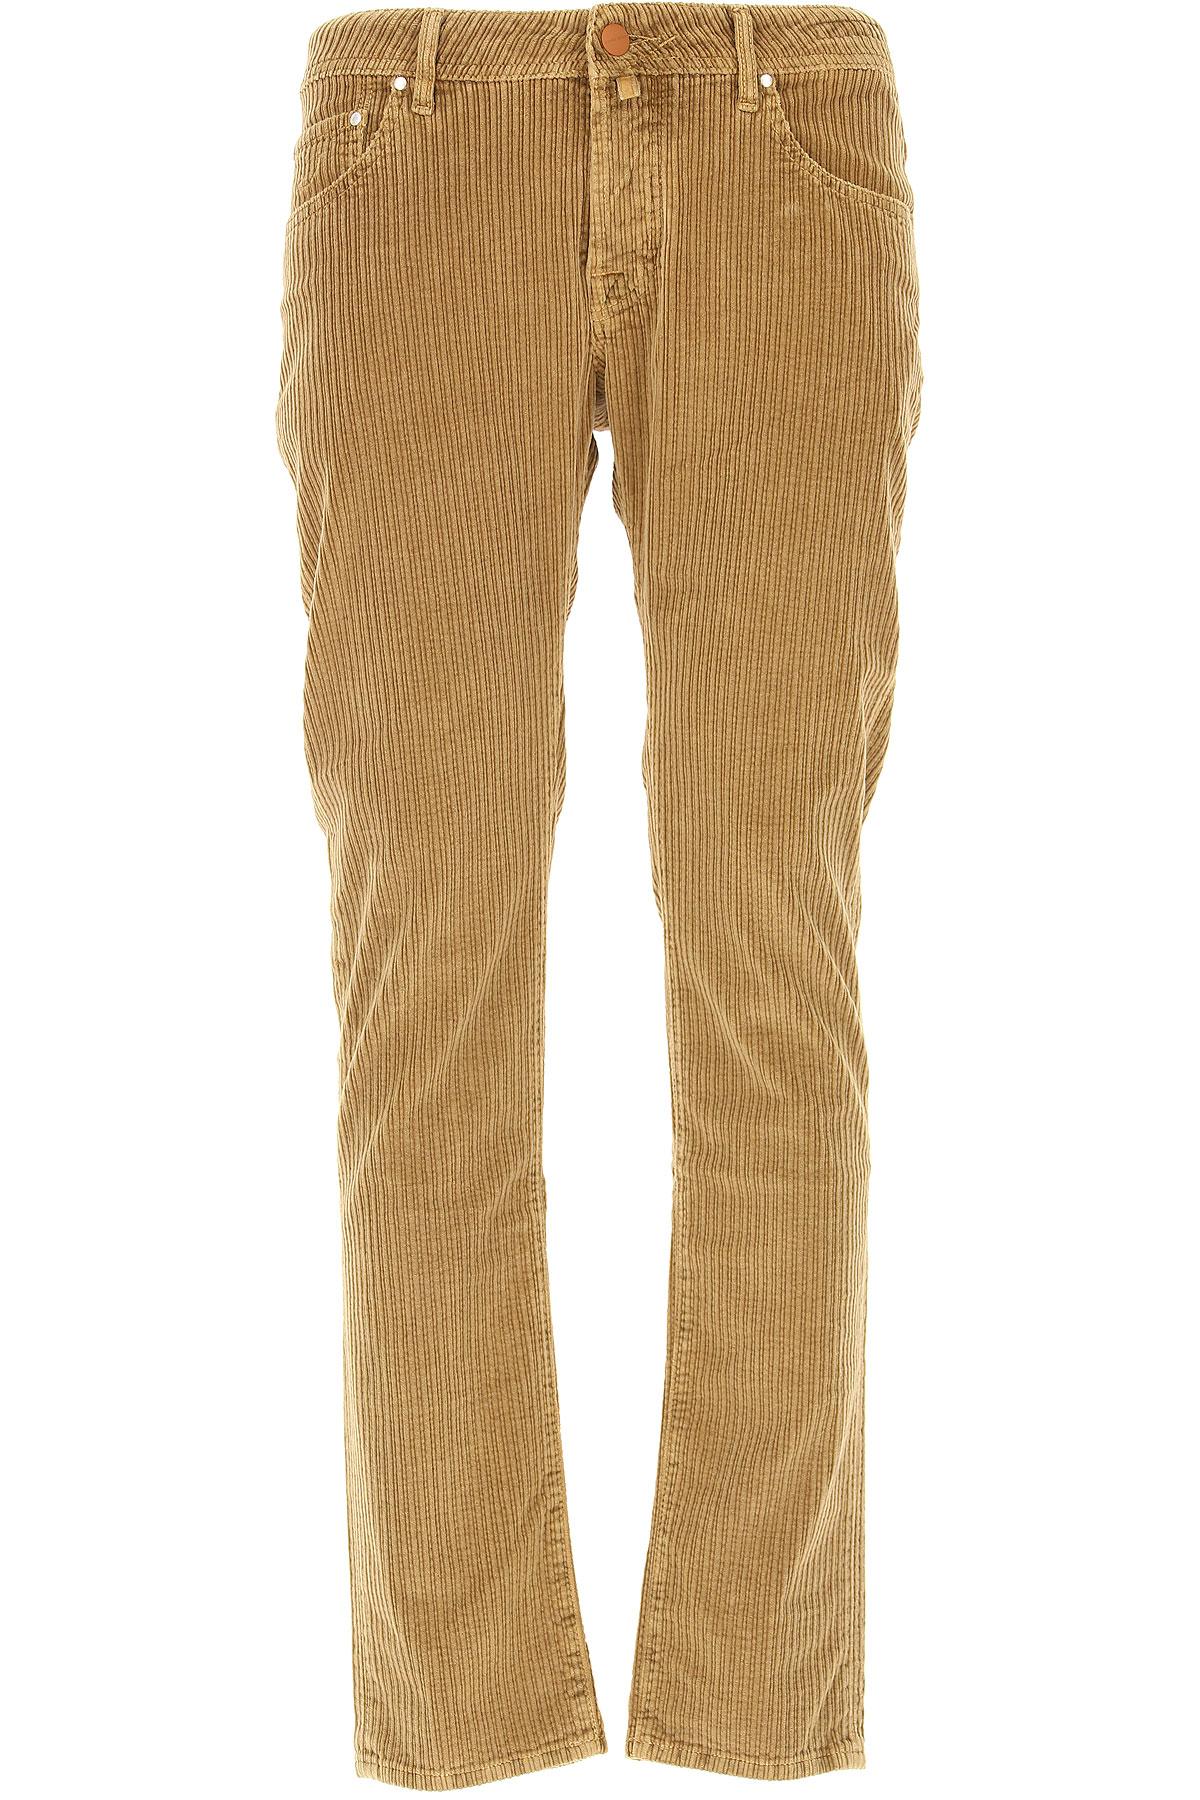 Jacob Cohen Pants for Men On Sale, Camel, Cotton, 2017, 33 34 36